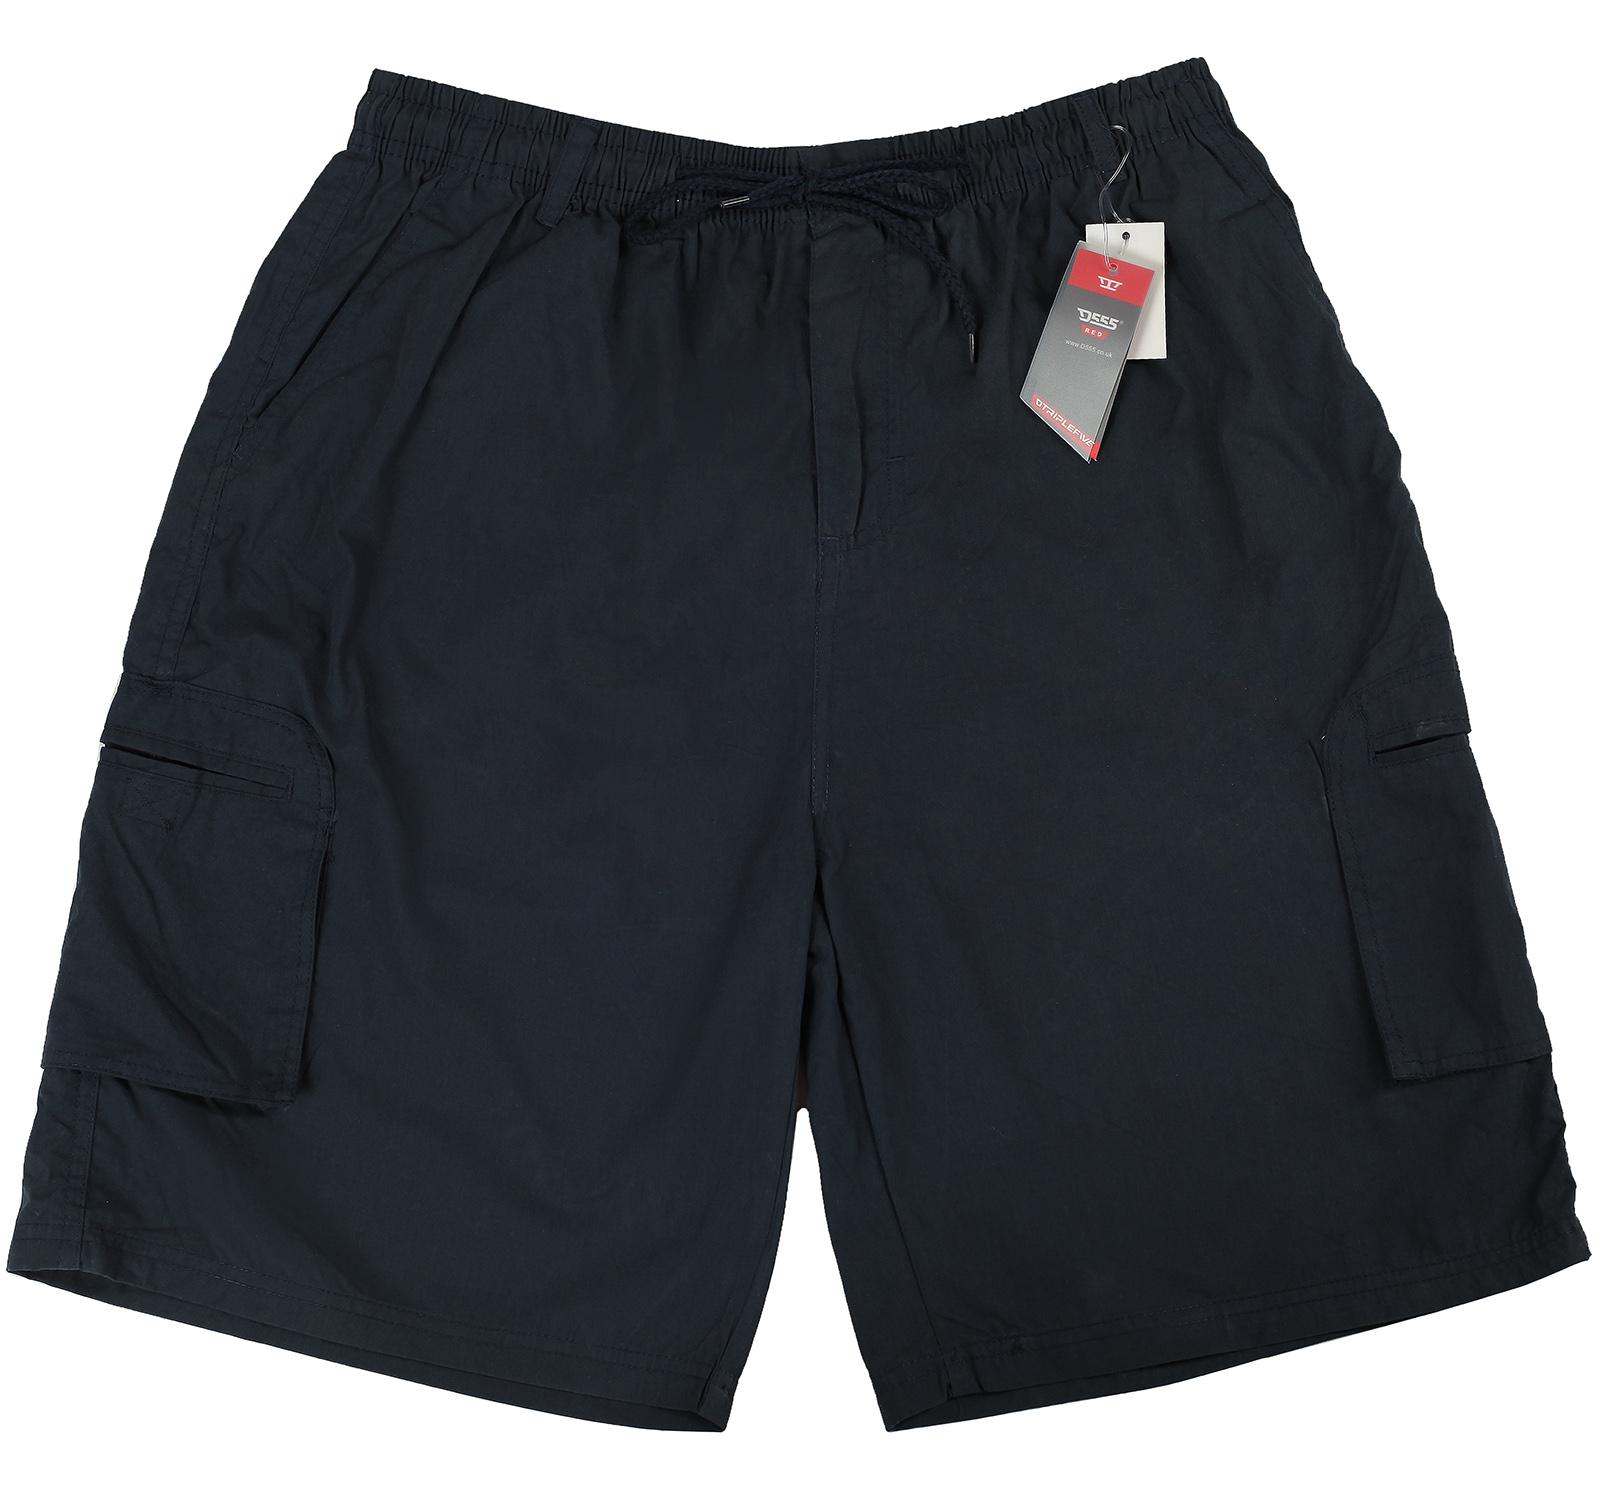 Летние шорты с ремнем - купить в интернет-магазине